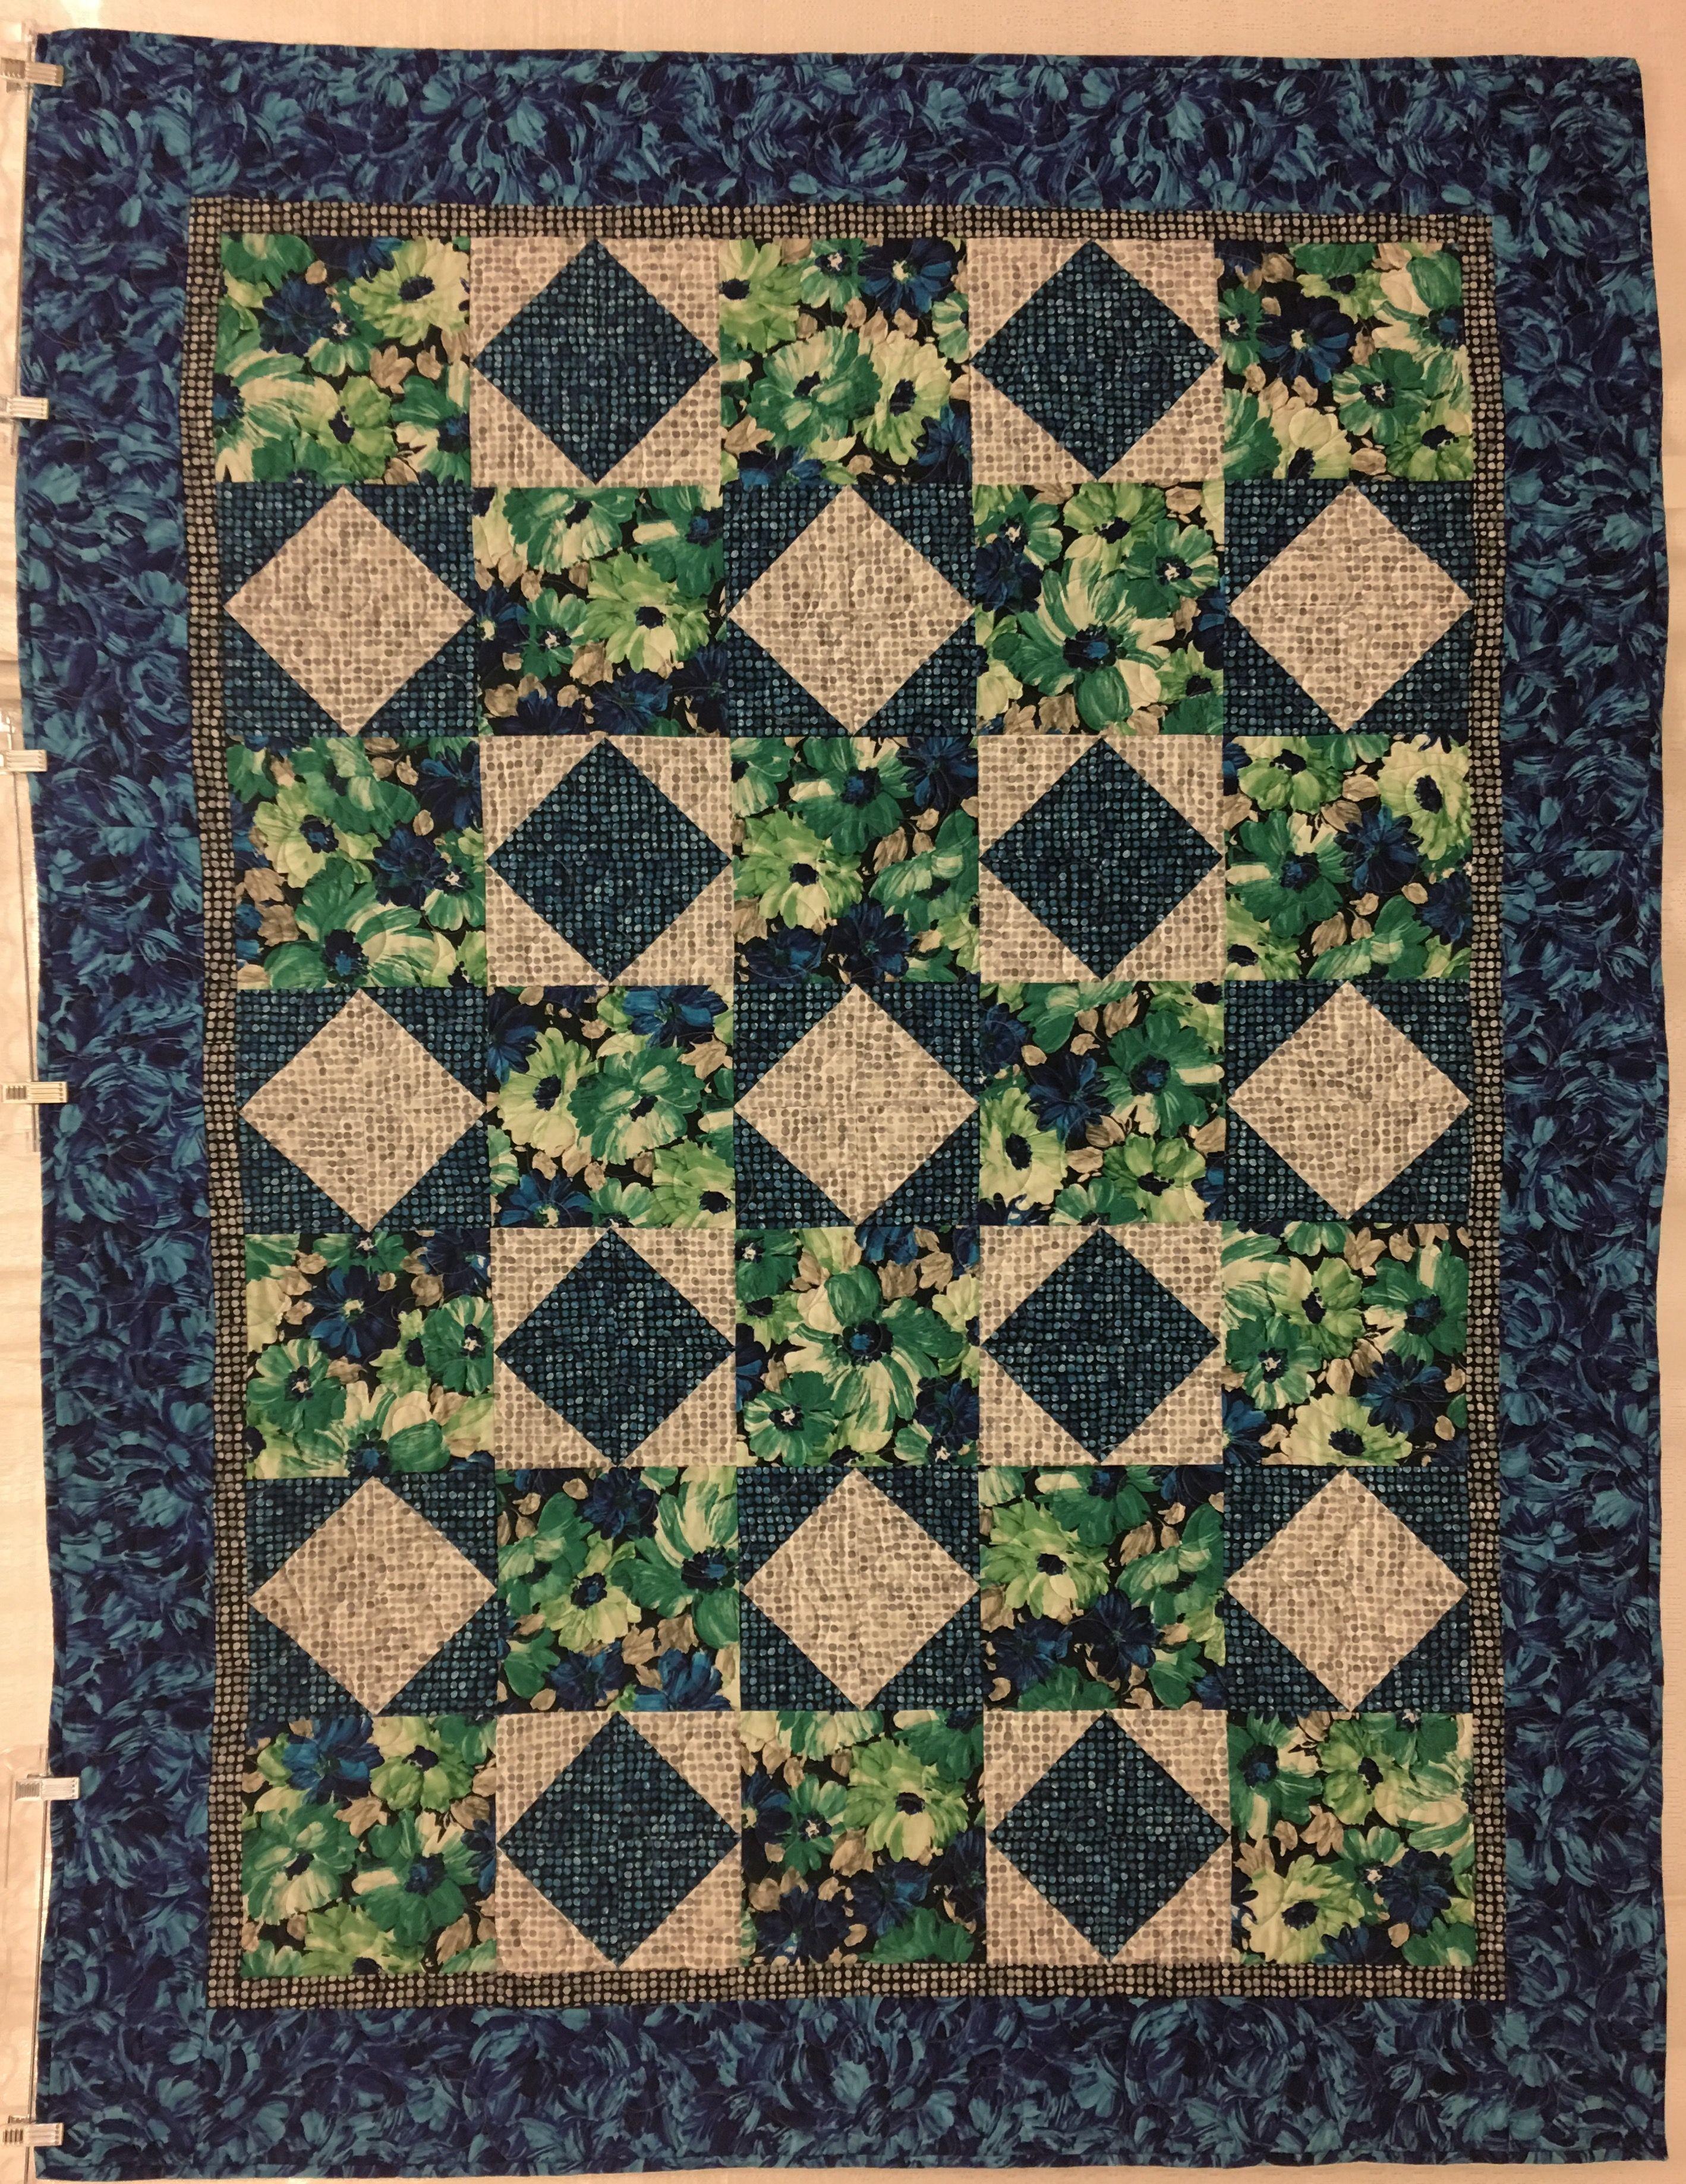 Pin By Alamo Quilt Shop On Quilt Kits Quilt Kits Quilt Shop Decor